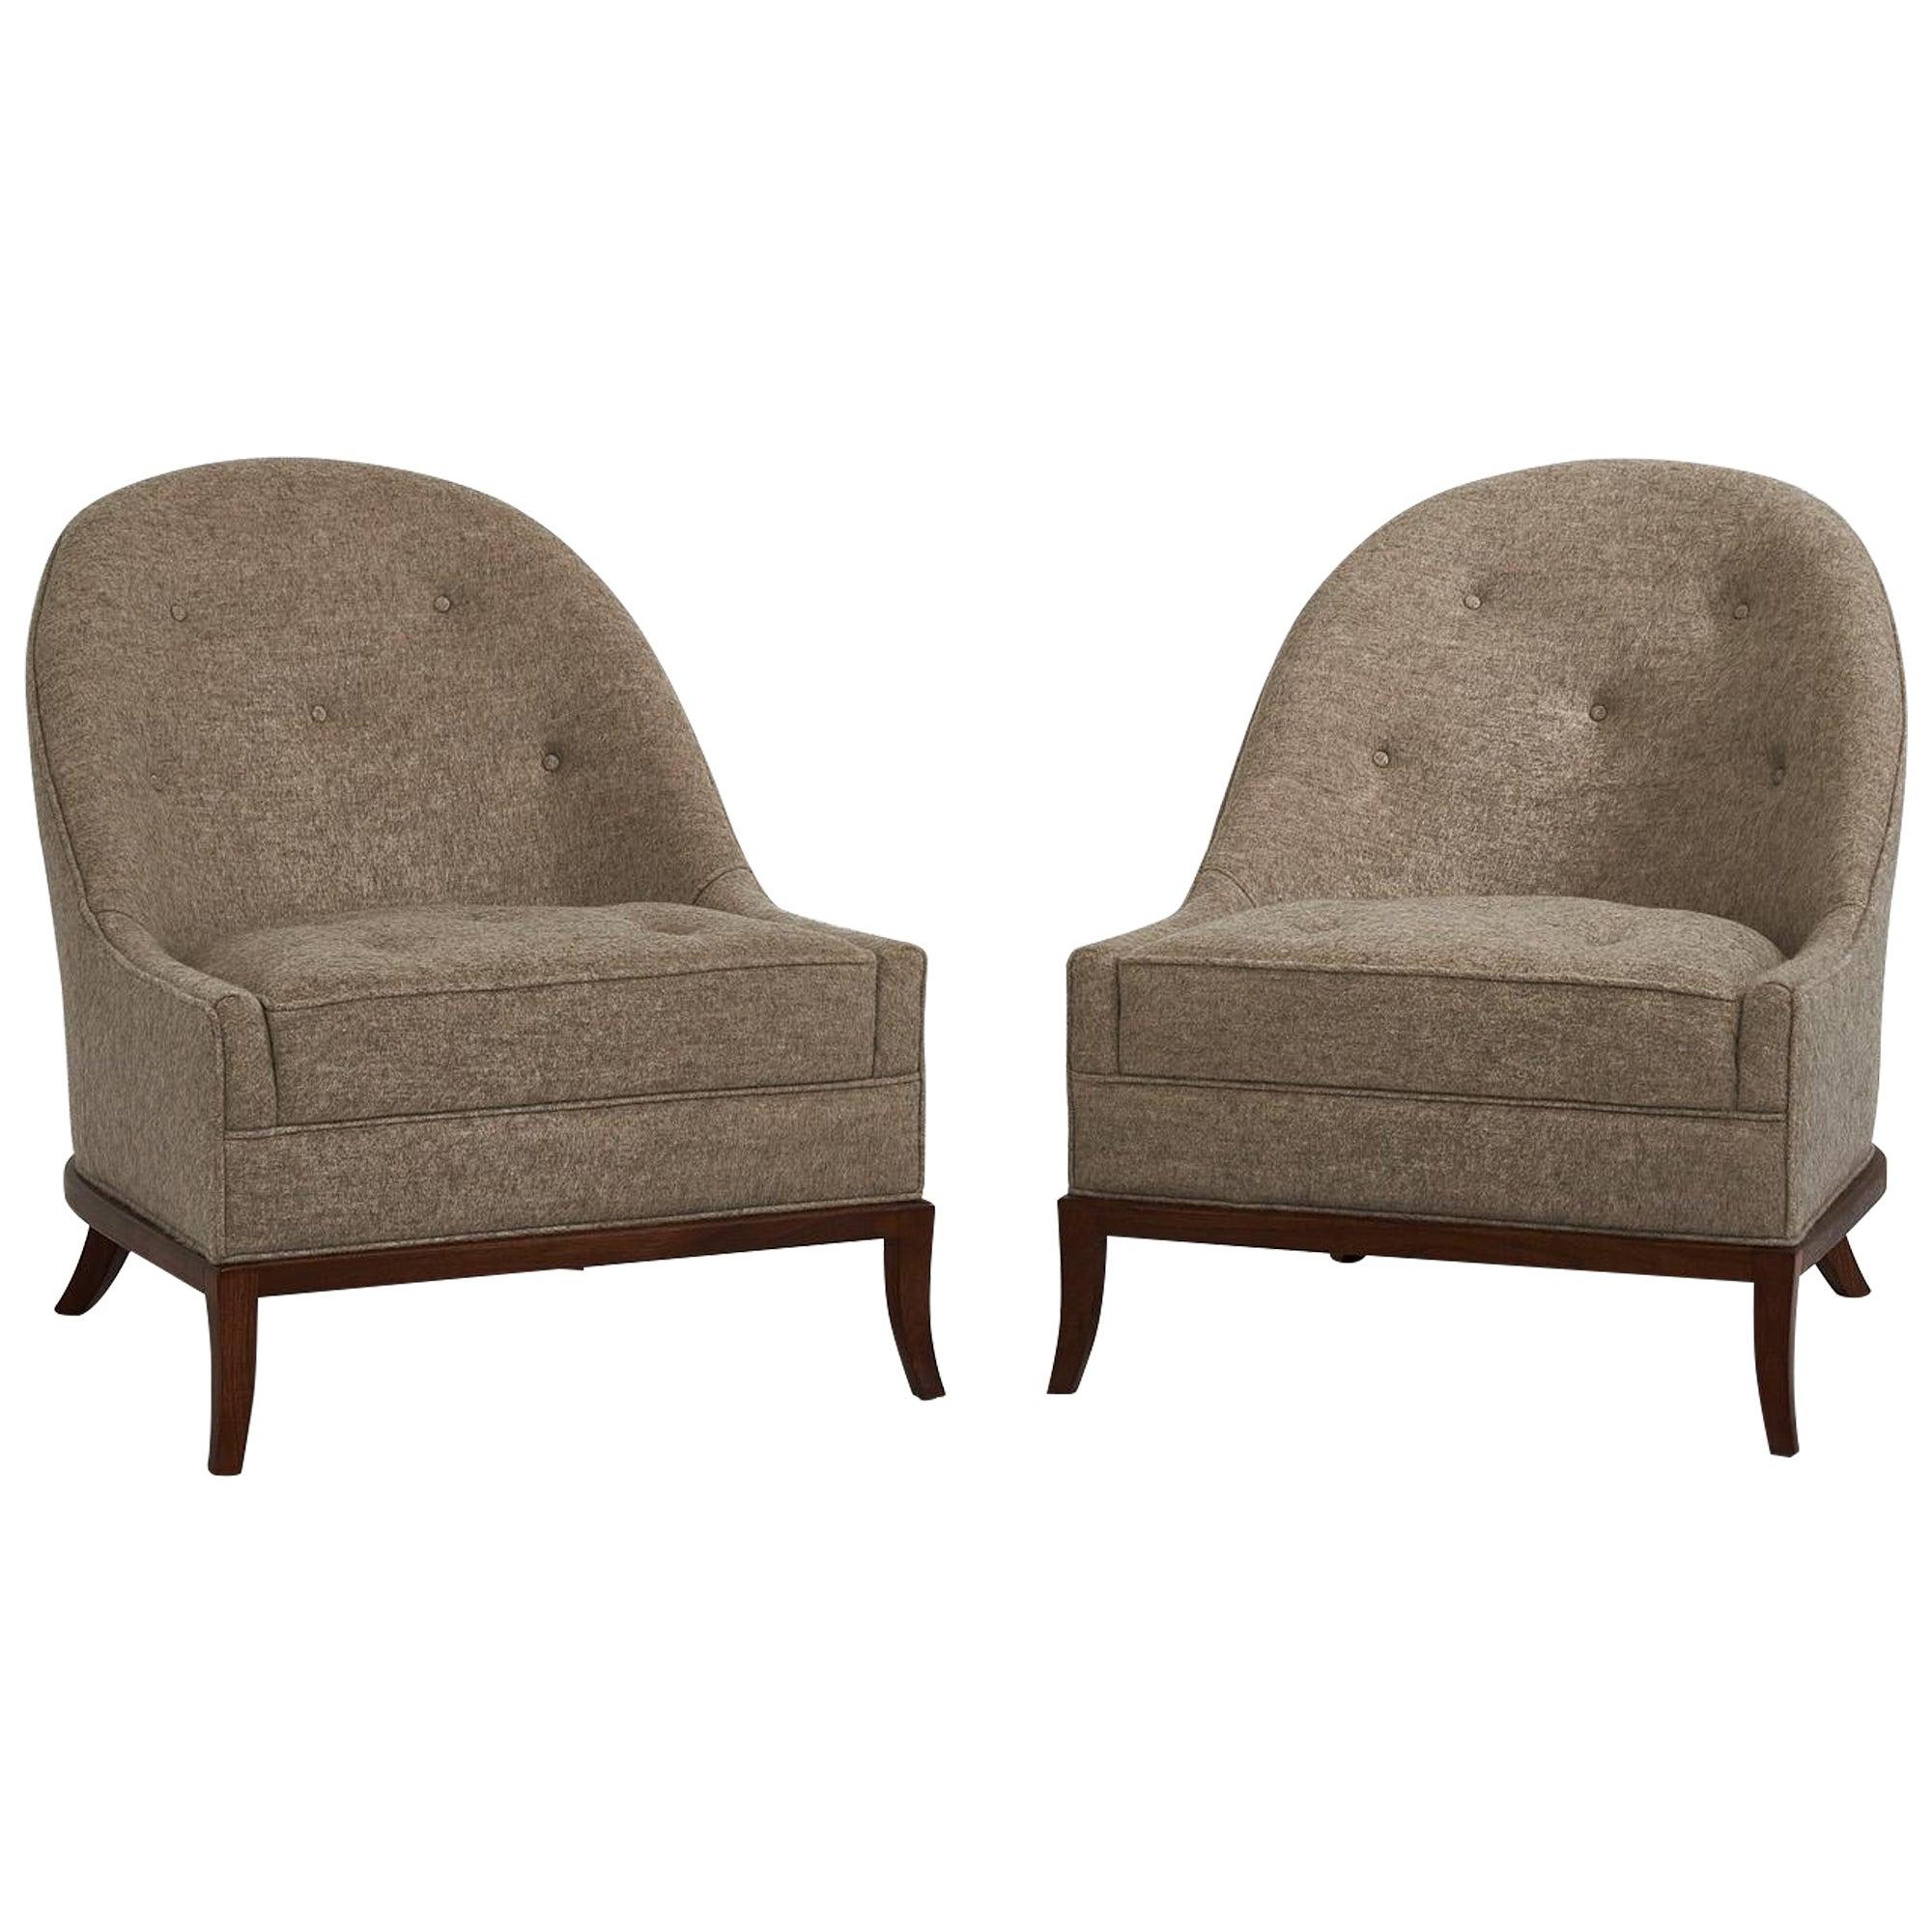 T.H. Robsjohn-Gibbings Slipper Lounge Chairs for Widdicomb